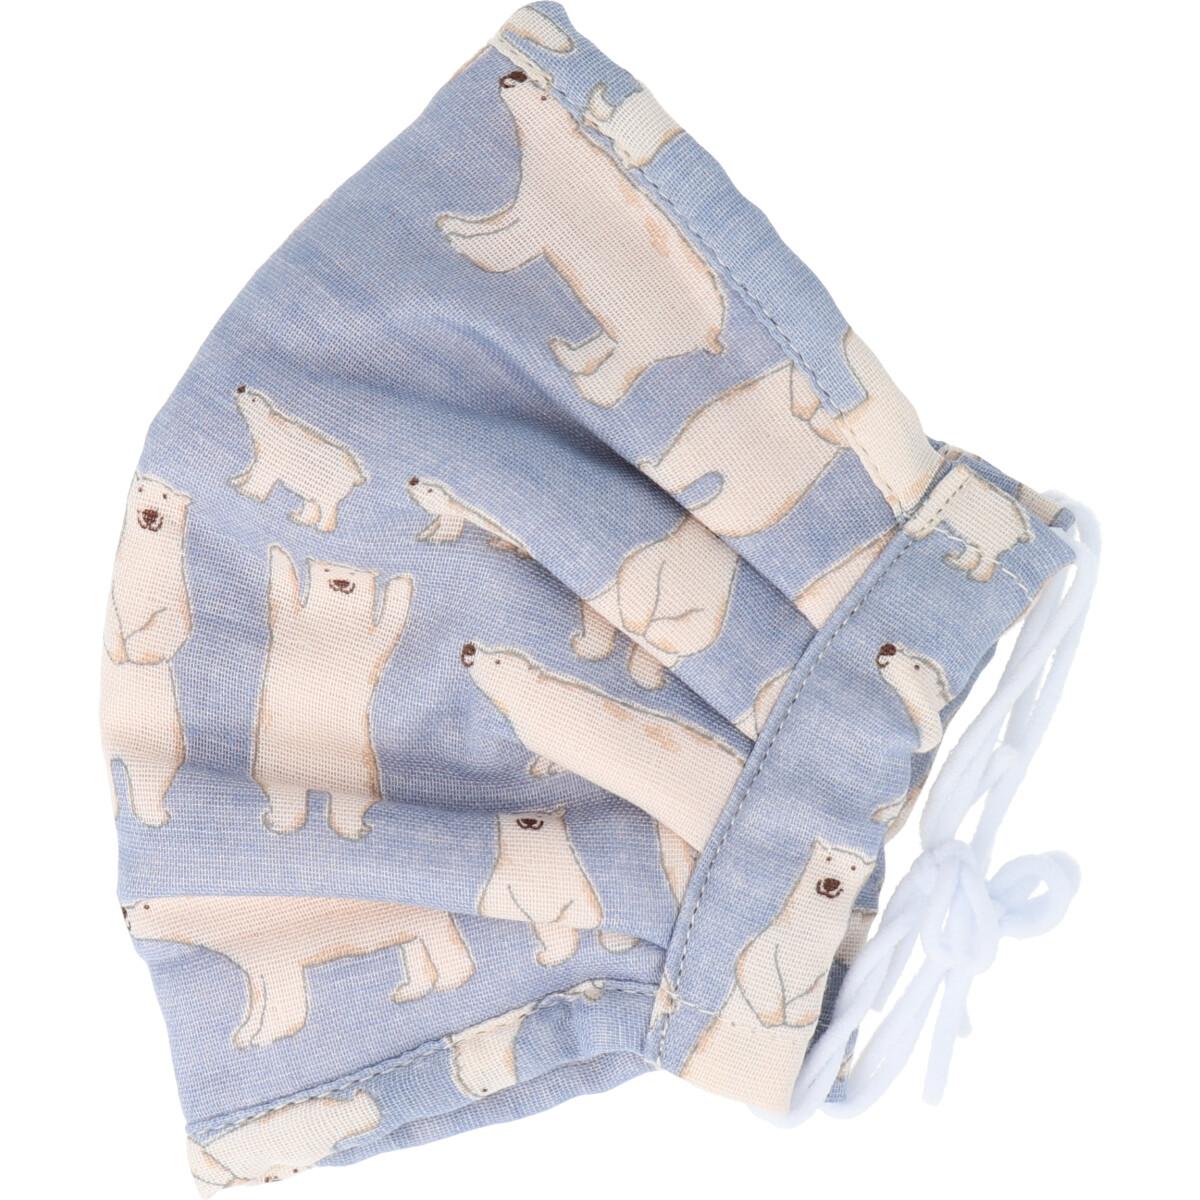 ふわふわマスク 今治産タオル 超敏感肌用 白くま ブルー ゆったり大きめサイズ 1枚入